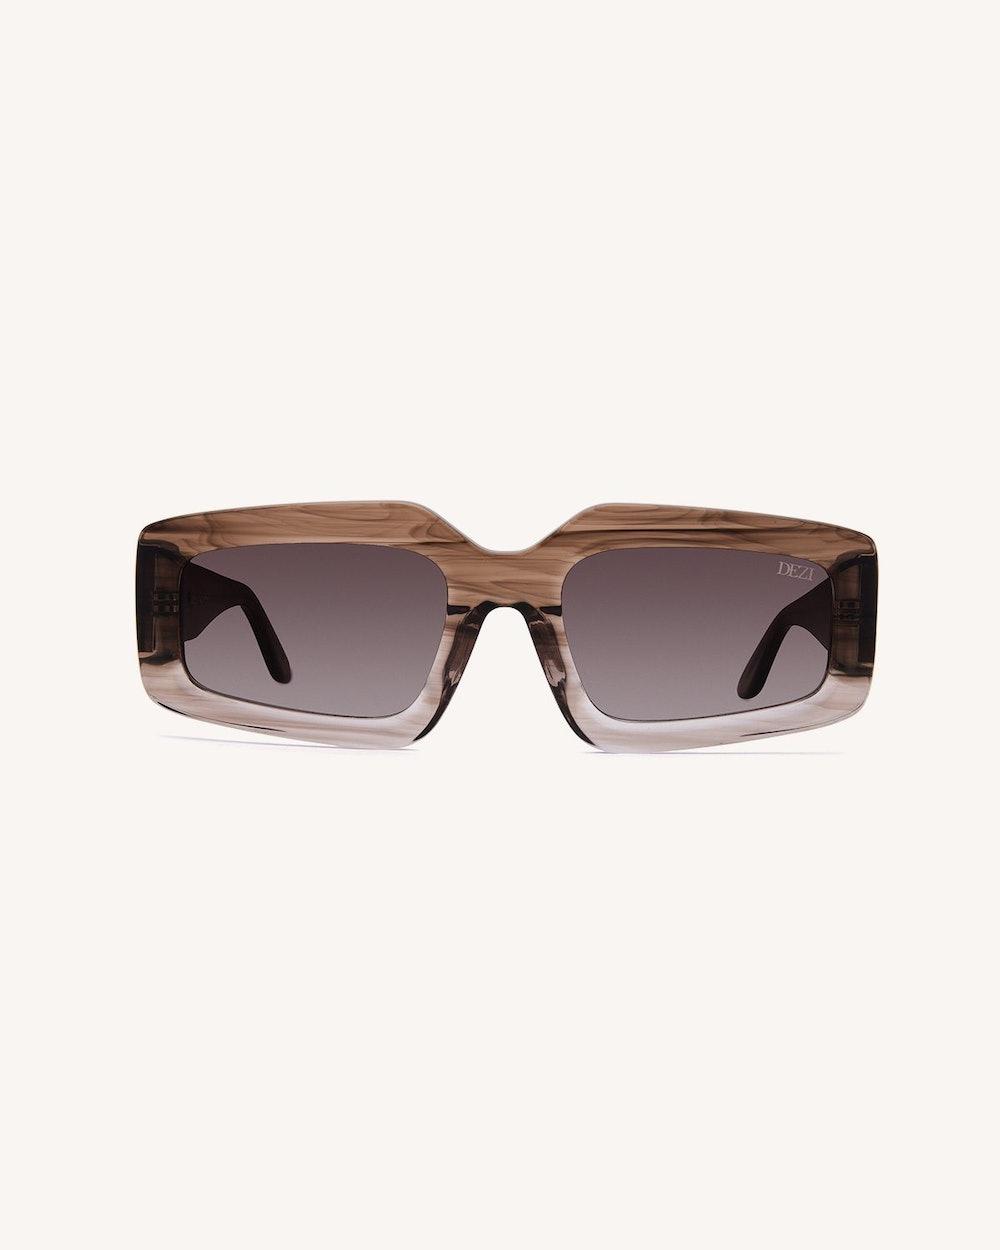 Read the Room Sunglasses in Espresso